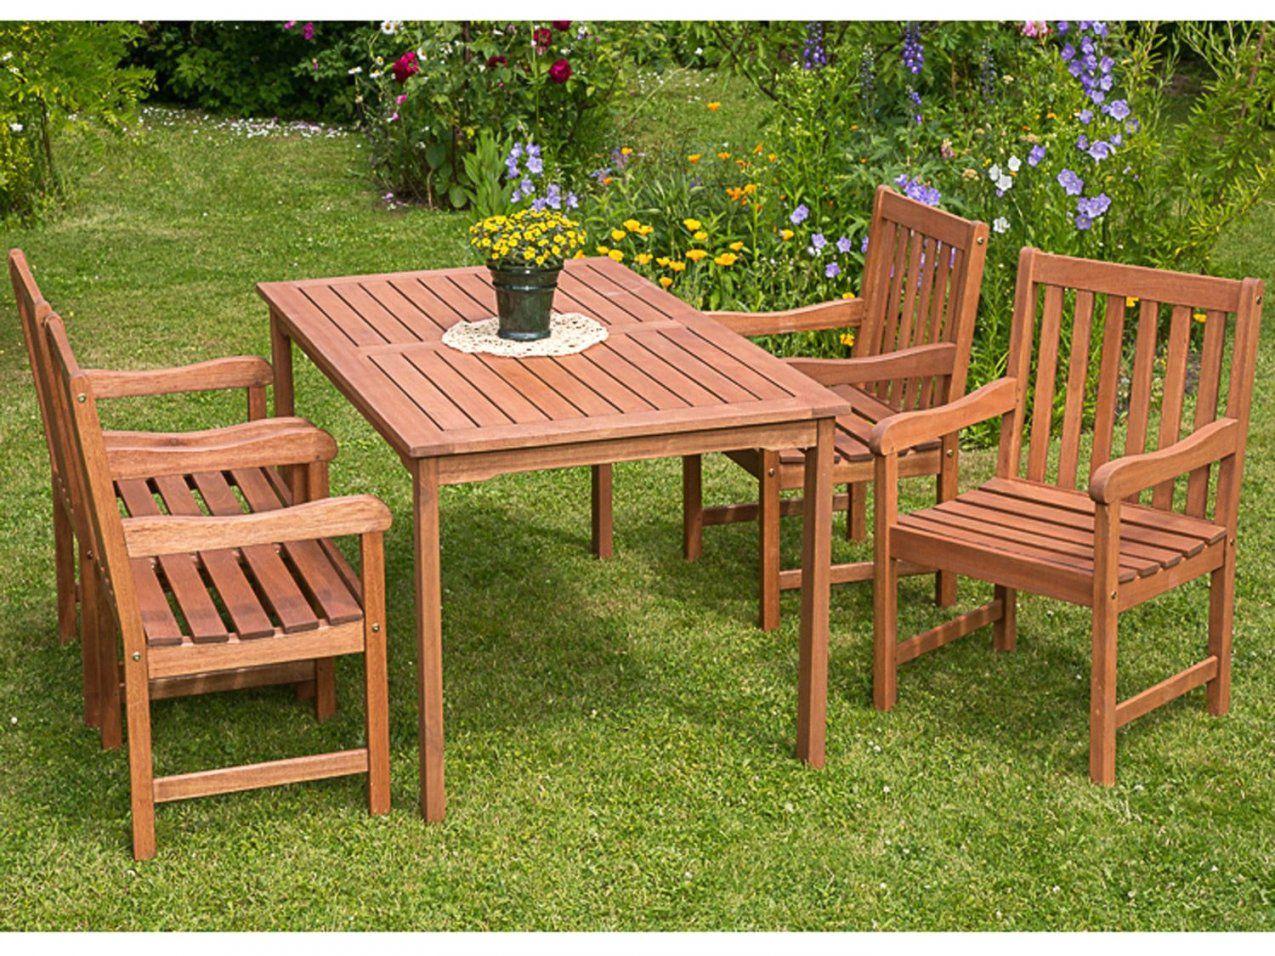 Gartenmöbel Set Holz Mit Bank von Gartenmöbel Set Holz Mit Bank Bild